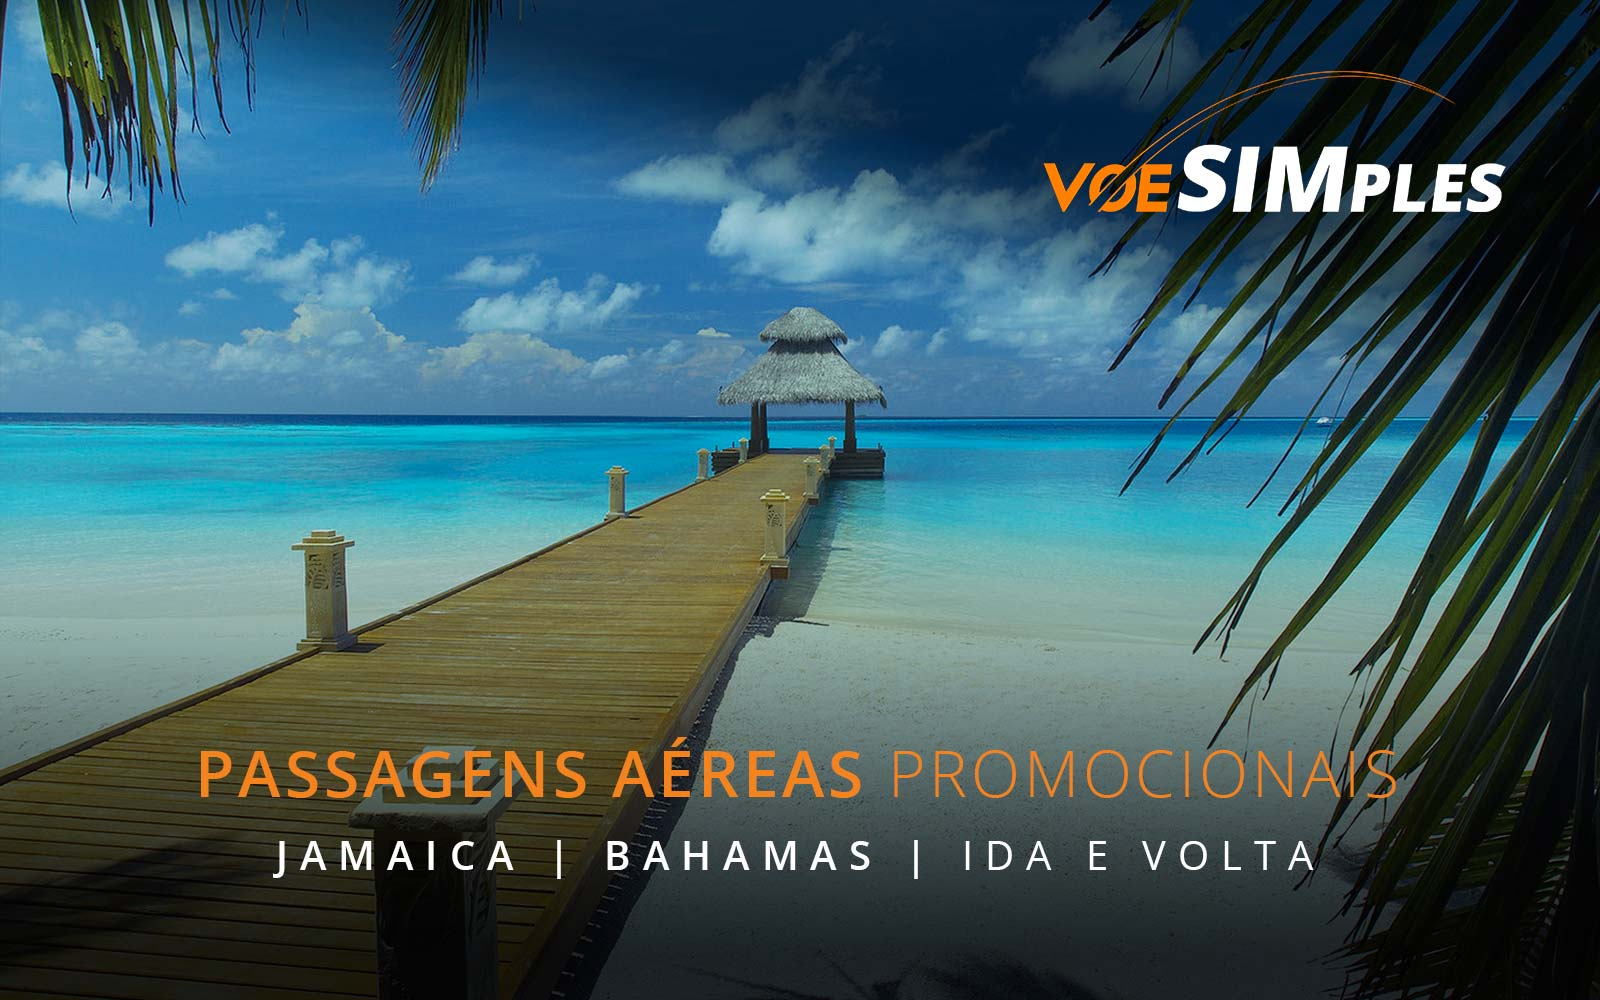 Passagens aéreas promocionais para Bahamas, Jamaica, Punta Cana e Costa Rica no Caribe